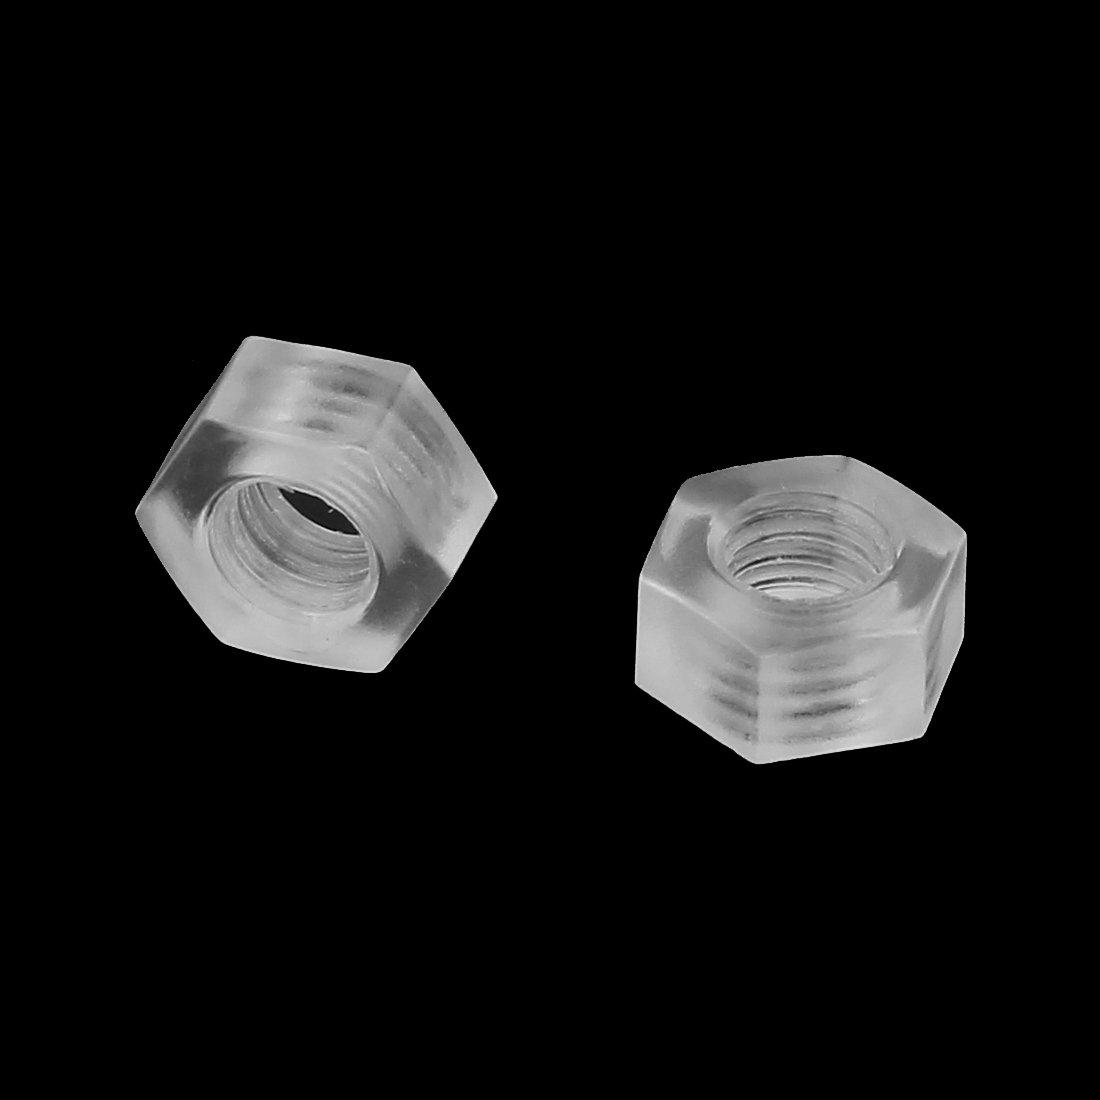 sourcingmap/® syst/ème m/étrique M6 t/ête hexagonale en nylon Ins/érer vis fixation /écrous hexagonaux 50pcs claire